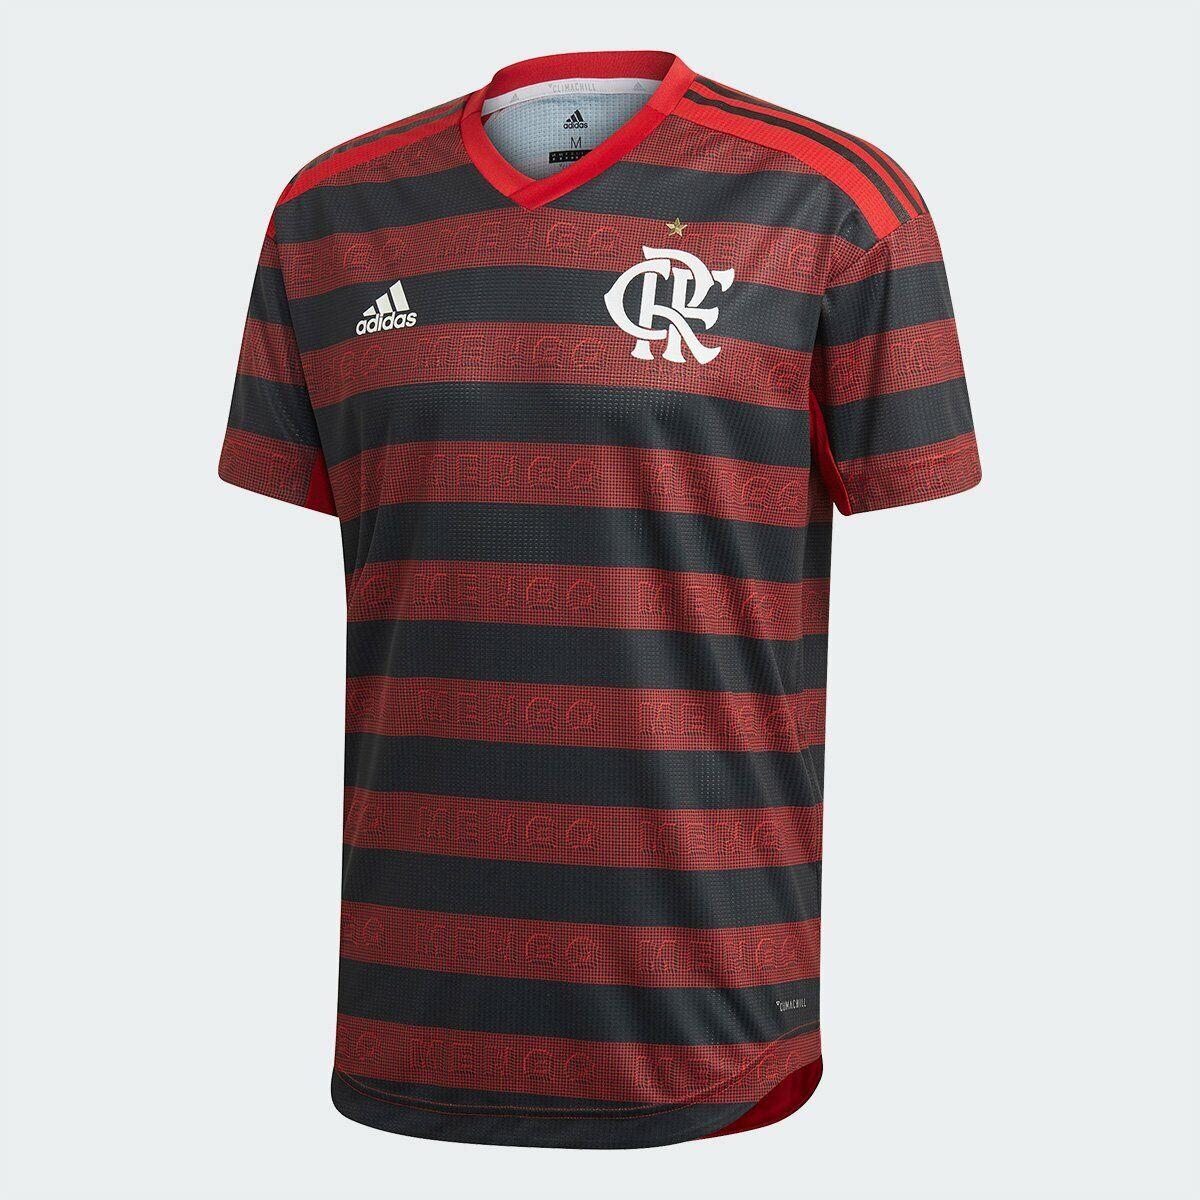 Flauominigo Home Soccer Footbtutti  PLAYER Jersey Shirt  2019 Adidas Brazil